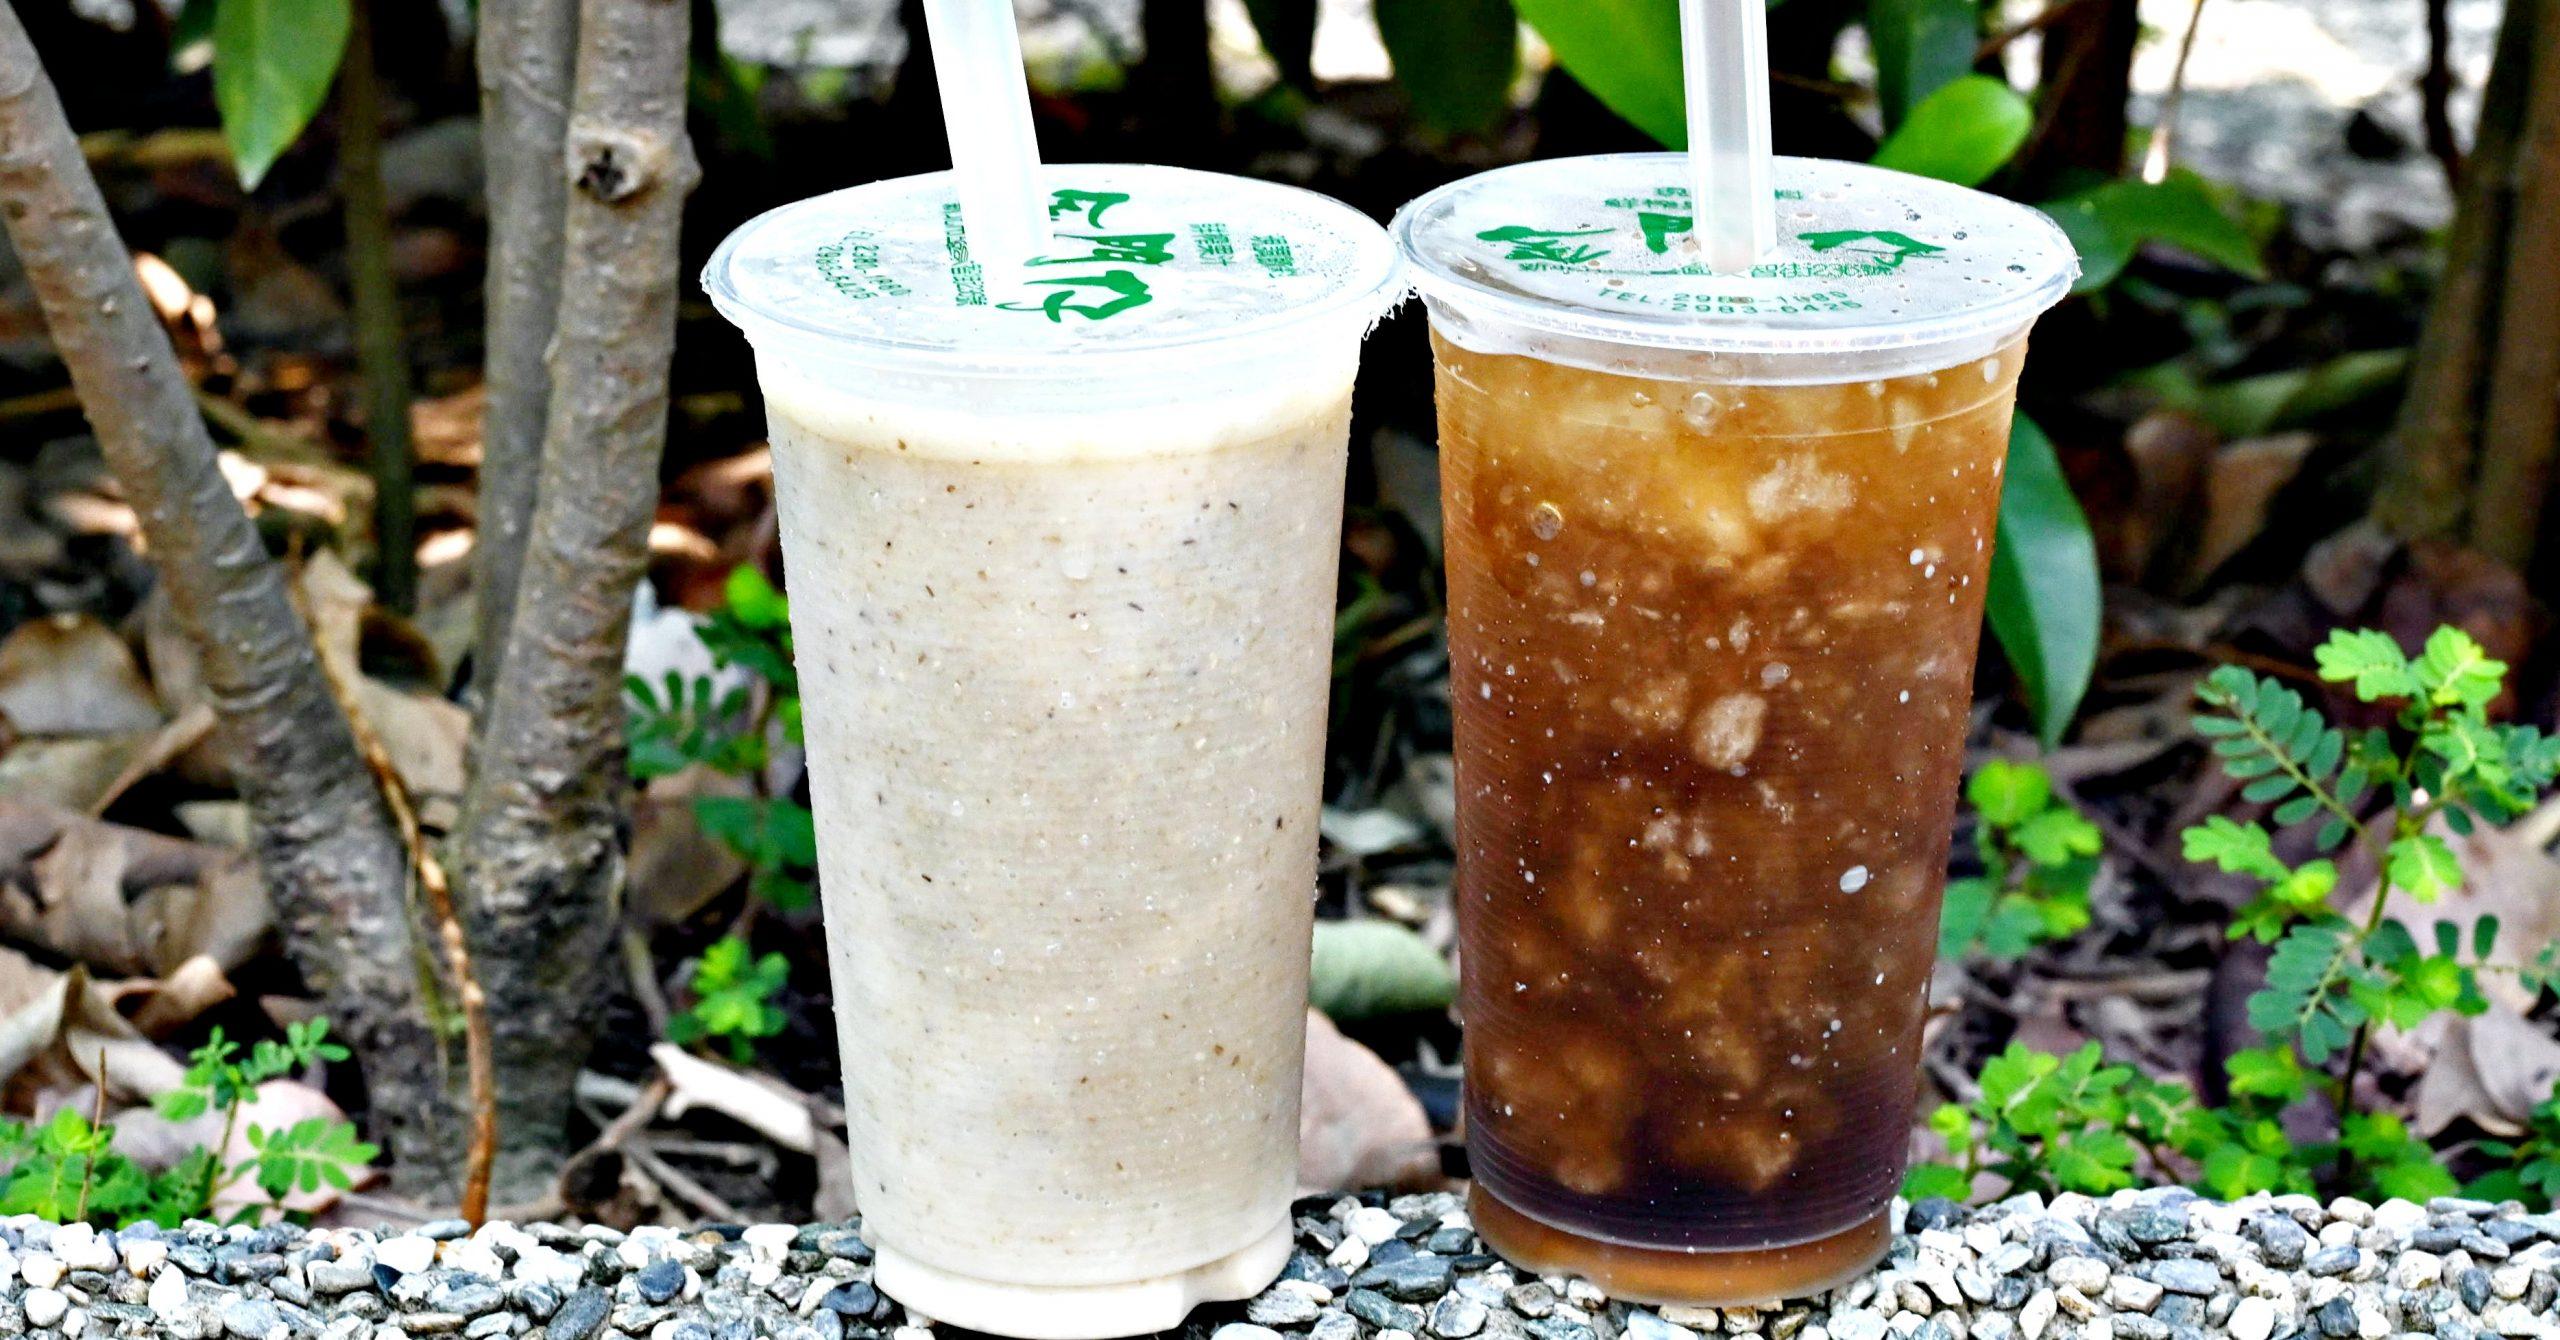 即時熱門文章:【三重美食】金門仔飲料專賣店,綠豆沙牛奶只要30元 (菜單)